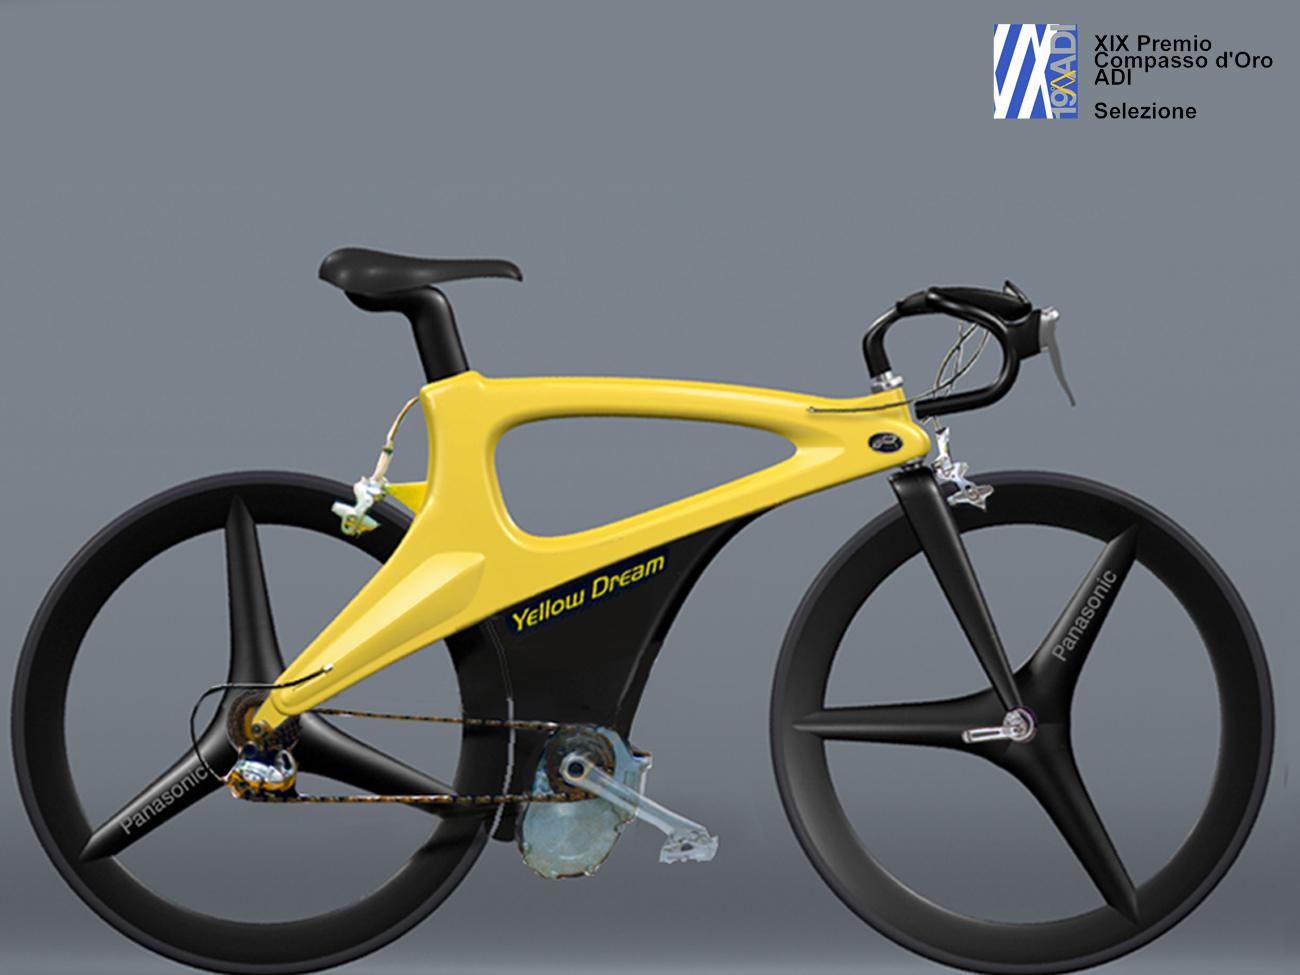 PRIMA POWERBIKE Yellow Dream 1